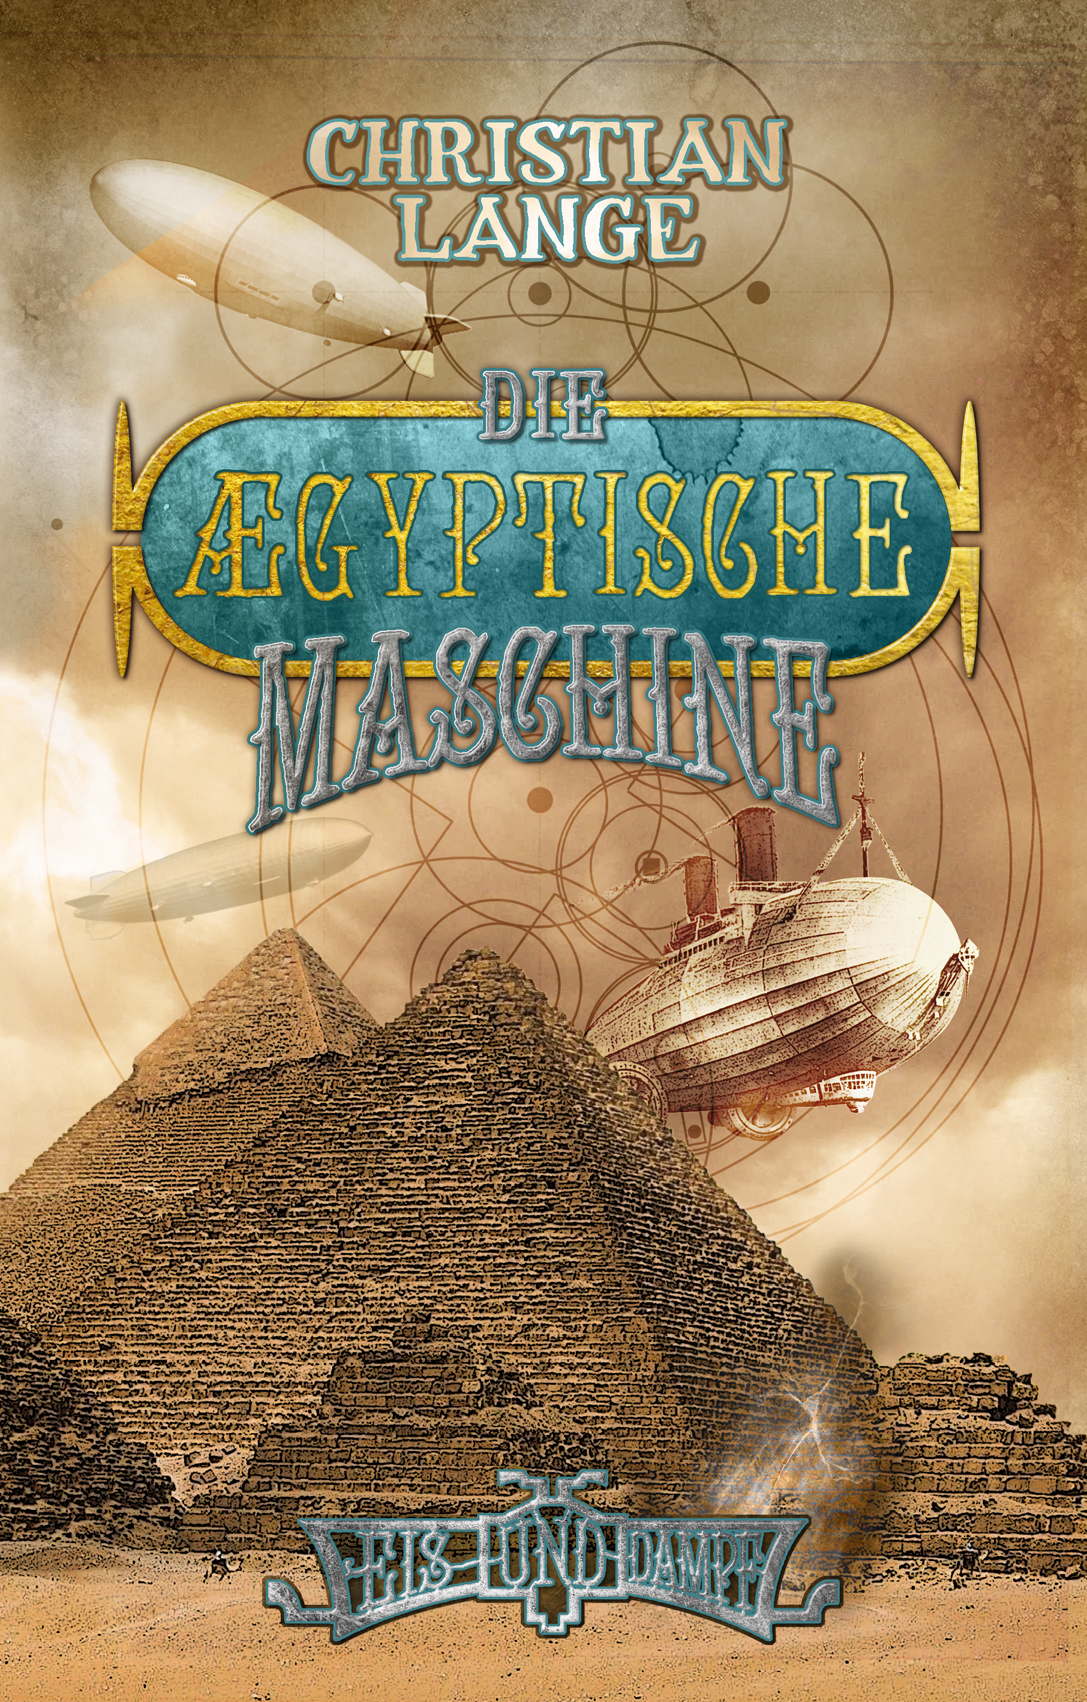 Die_aegyptische_Maschine_phantastik-autoren-netzwerk.jpg